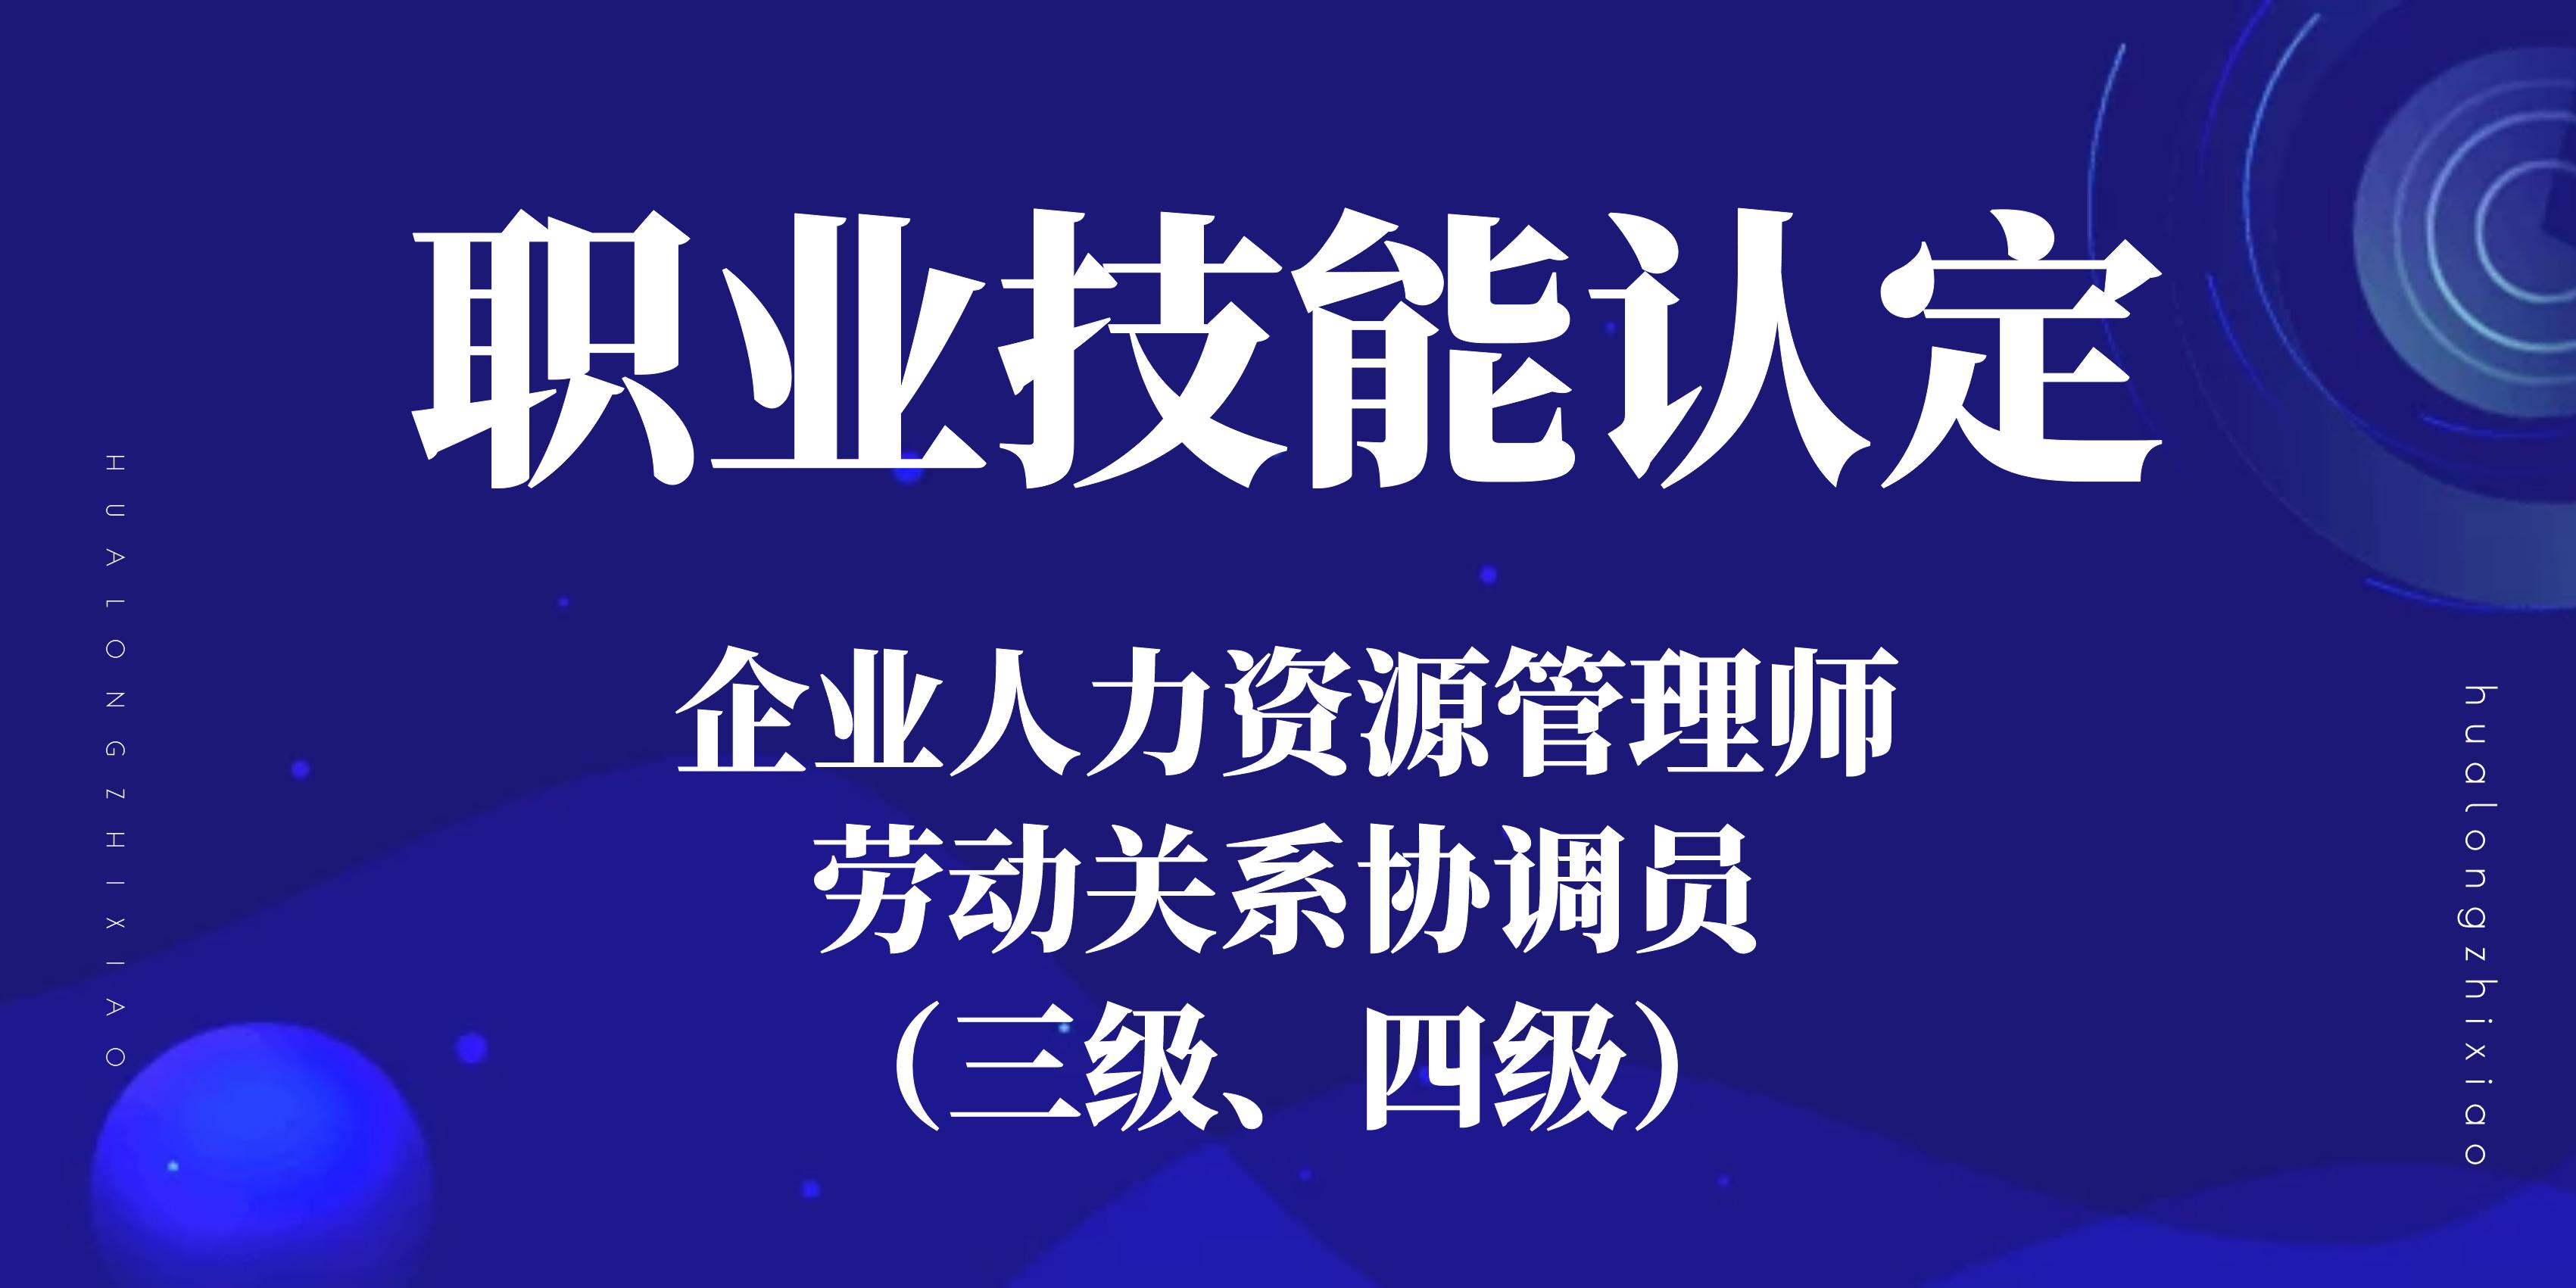 华龙职校通过湖北省职业技能认定机构备案,开启职业技能等级认定工作